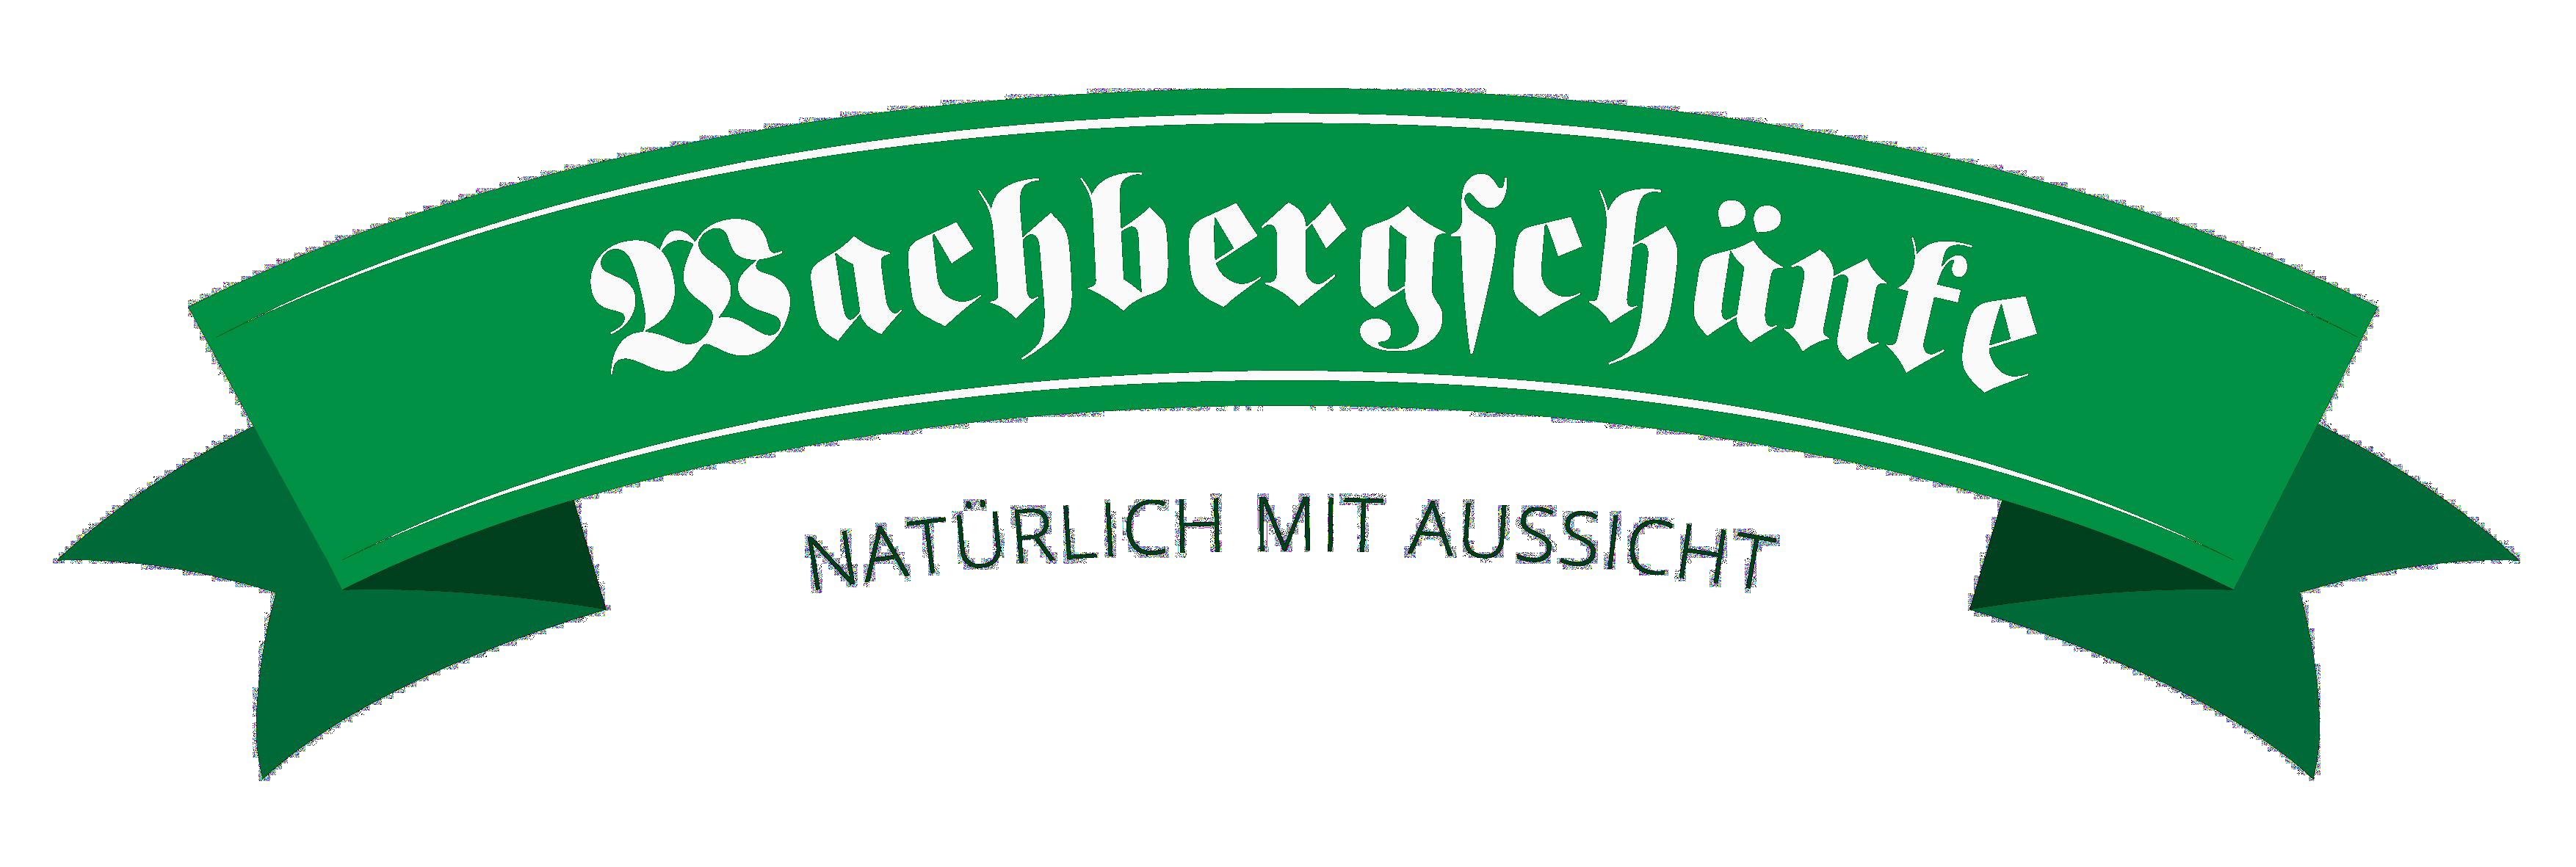 Wachbergschänke • Dresden, Waldmüllerstraße 1b - Öffnungszeiten ...